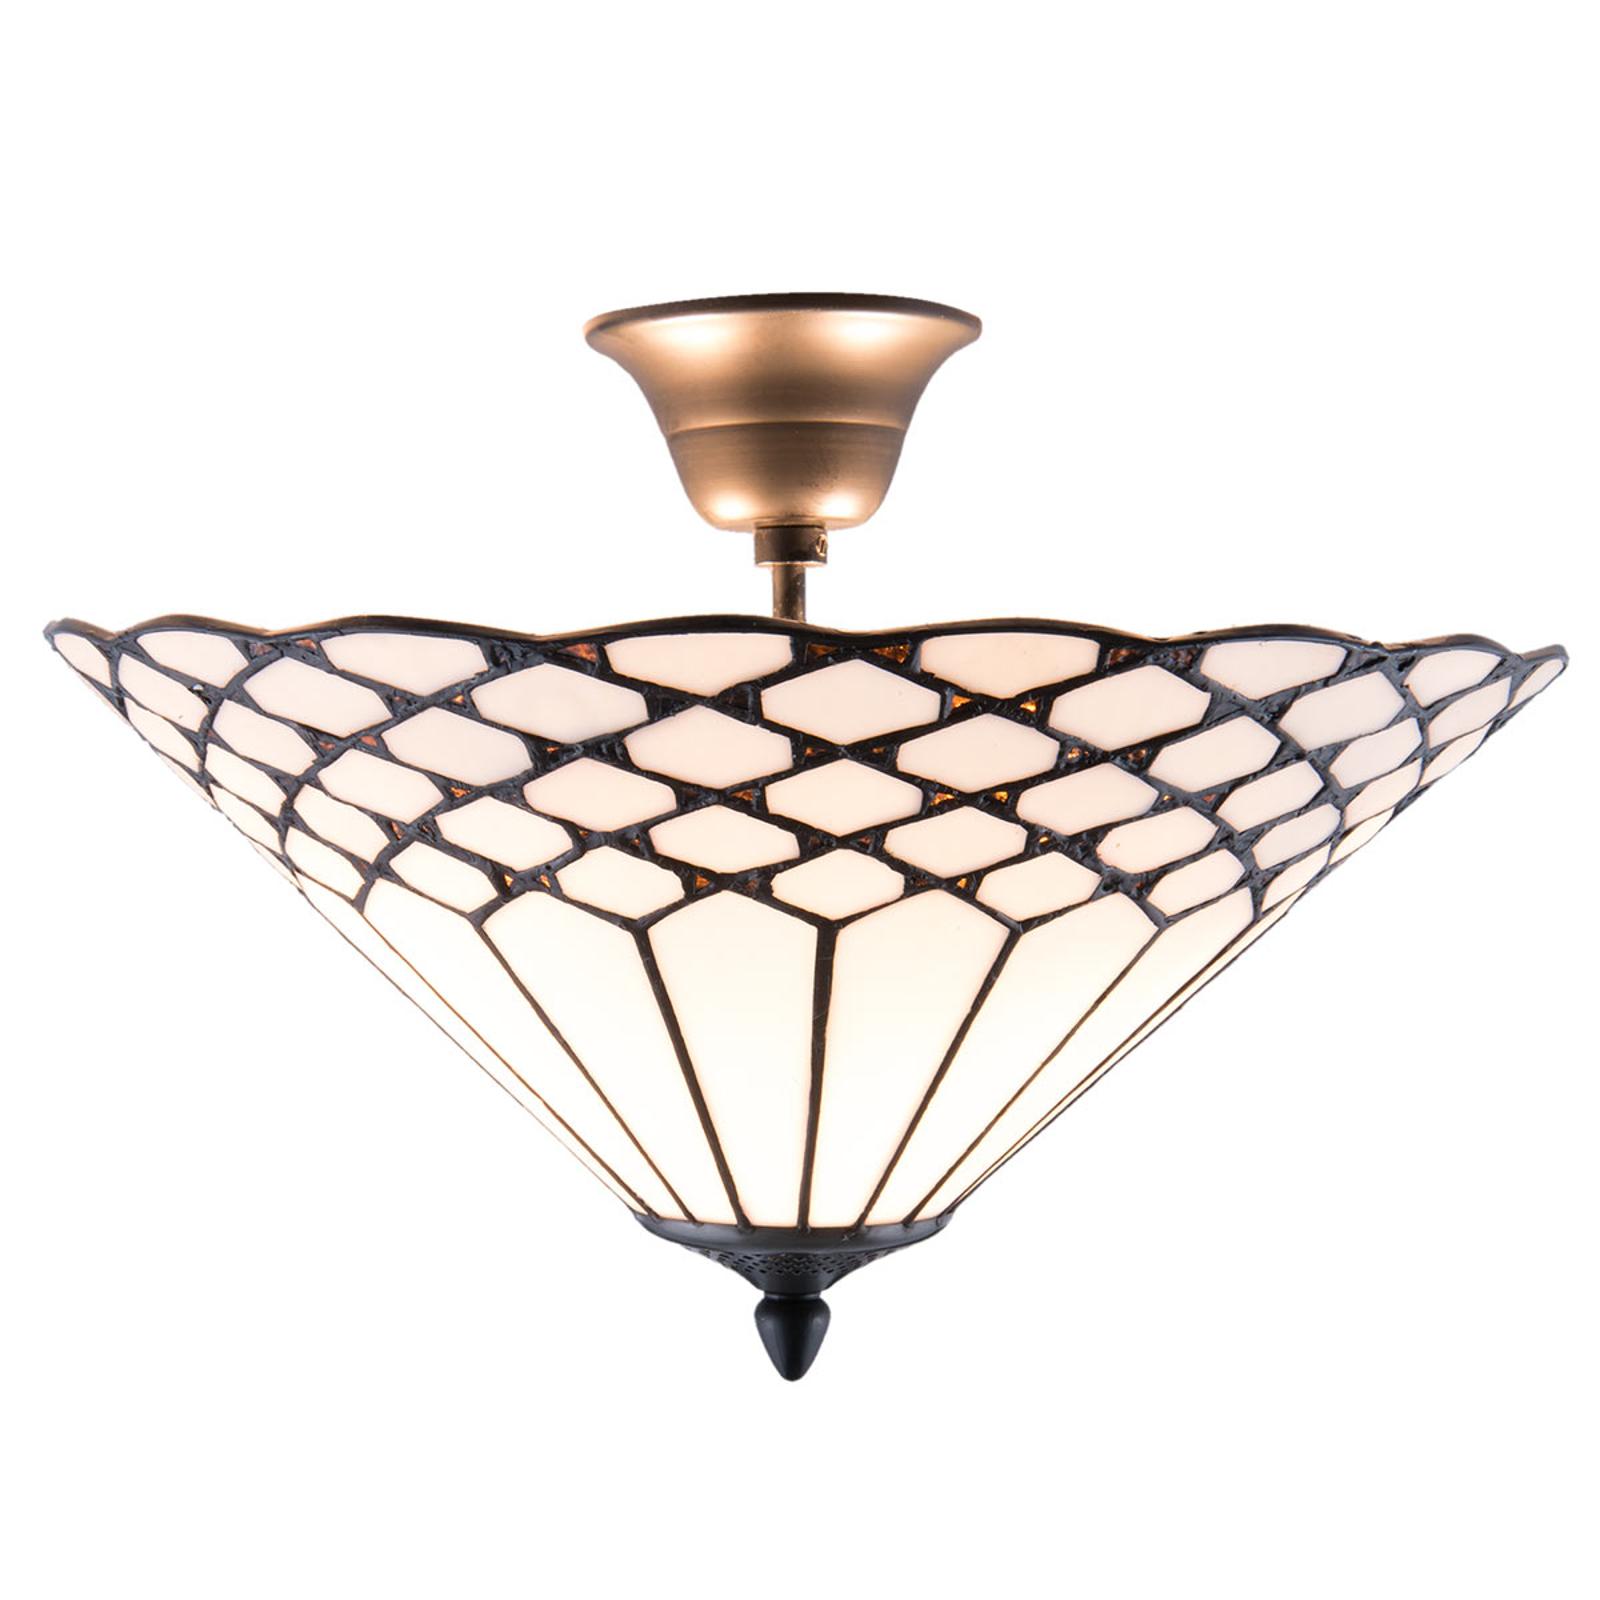 Klasyczna lampa sufitowa Kisa, styl Tiffany